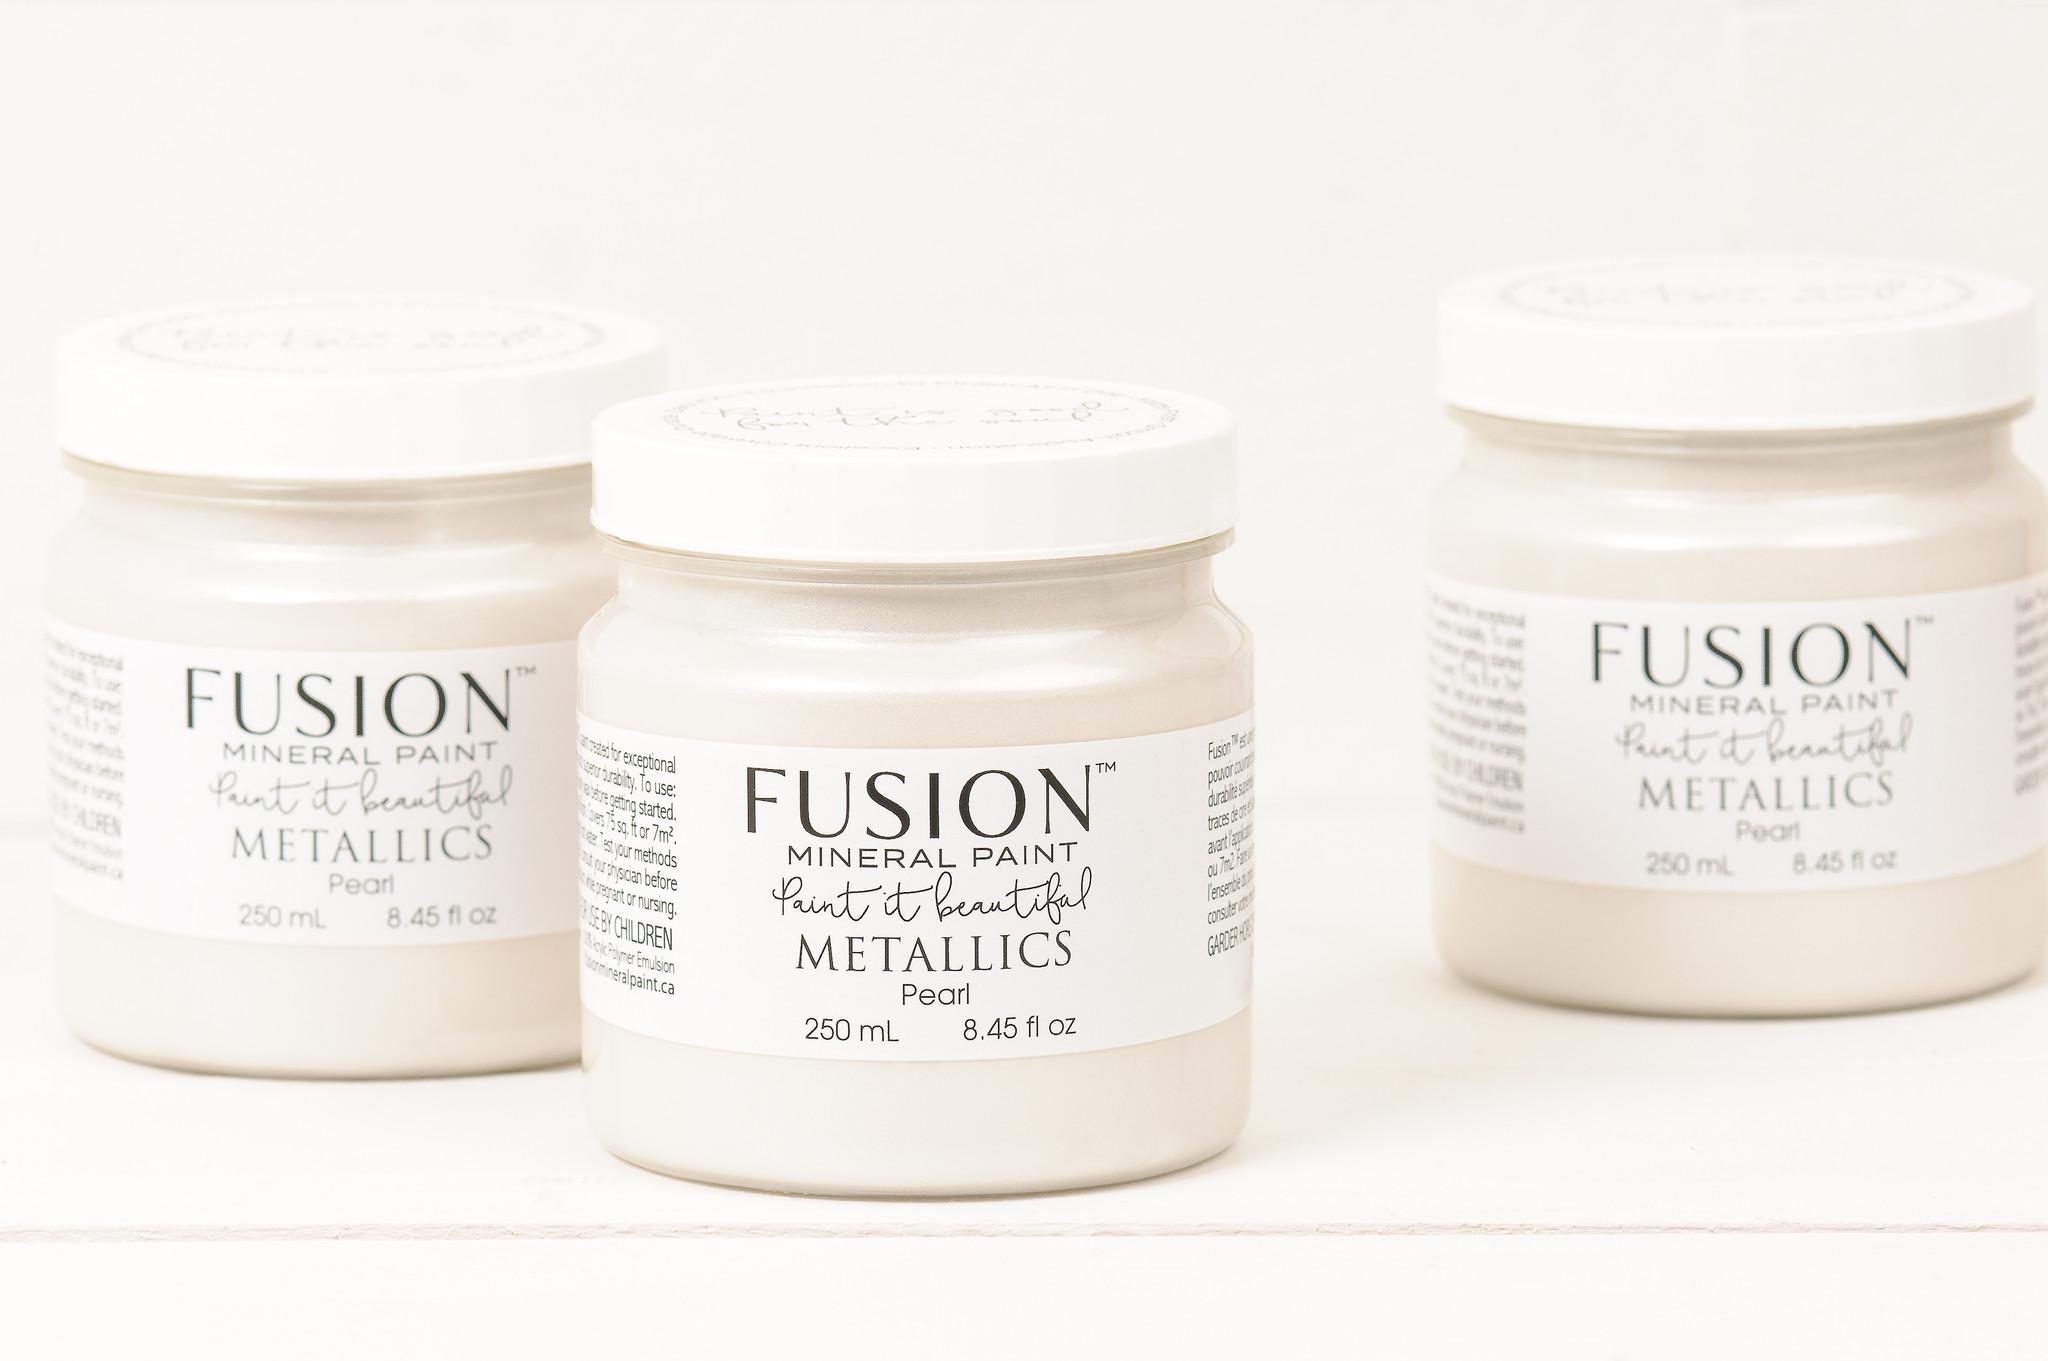 Fusion Paint - Metallic